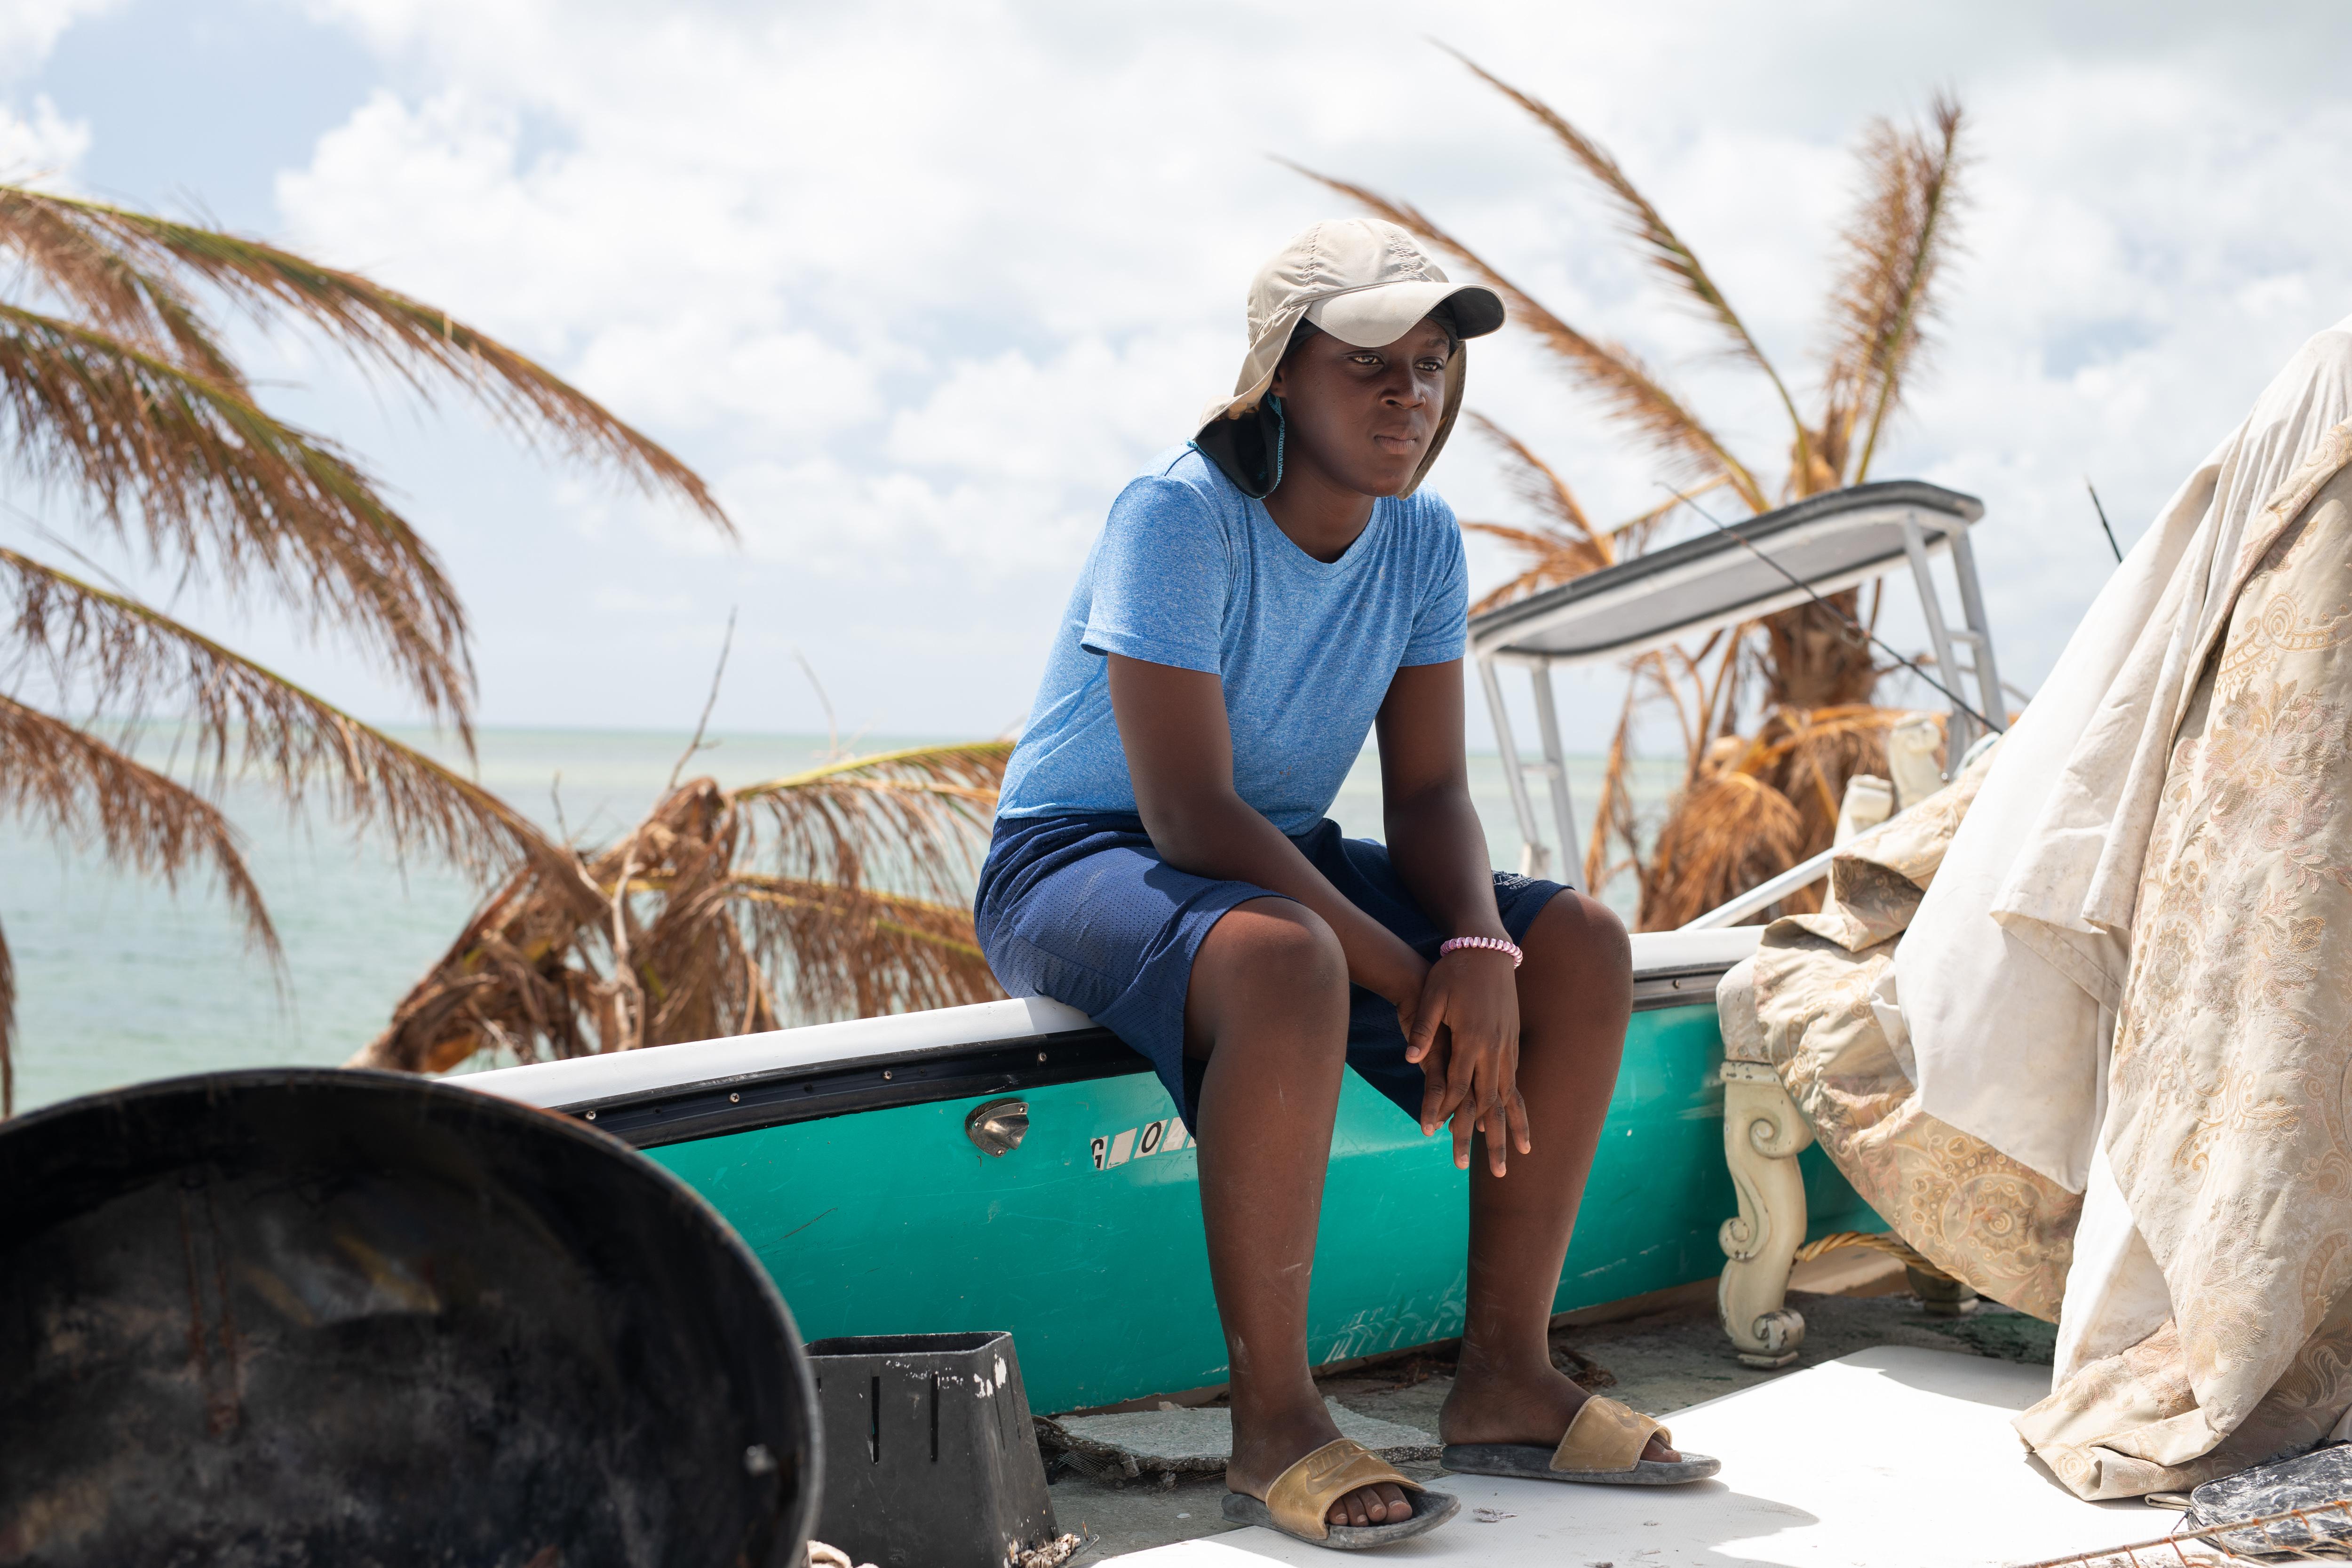 Bahamaa jälleenrakennetaan hurrikaanin jälkeen